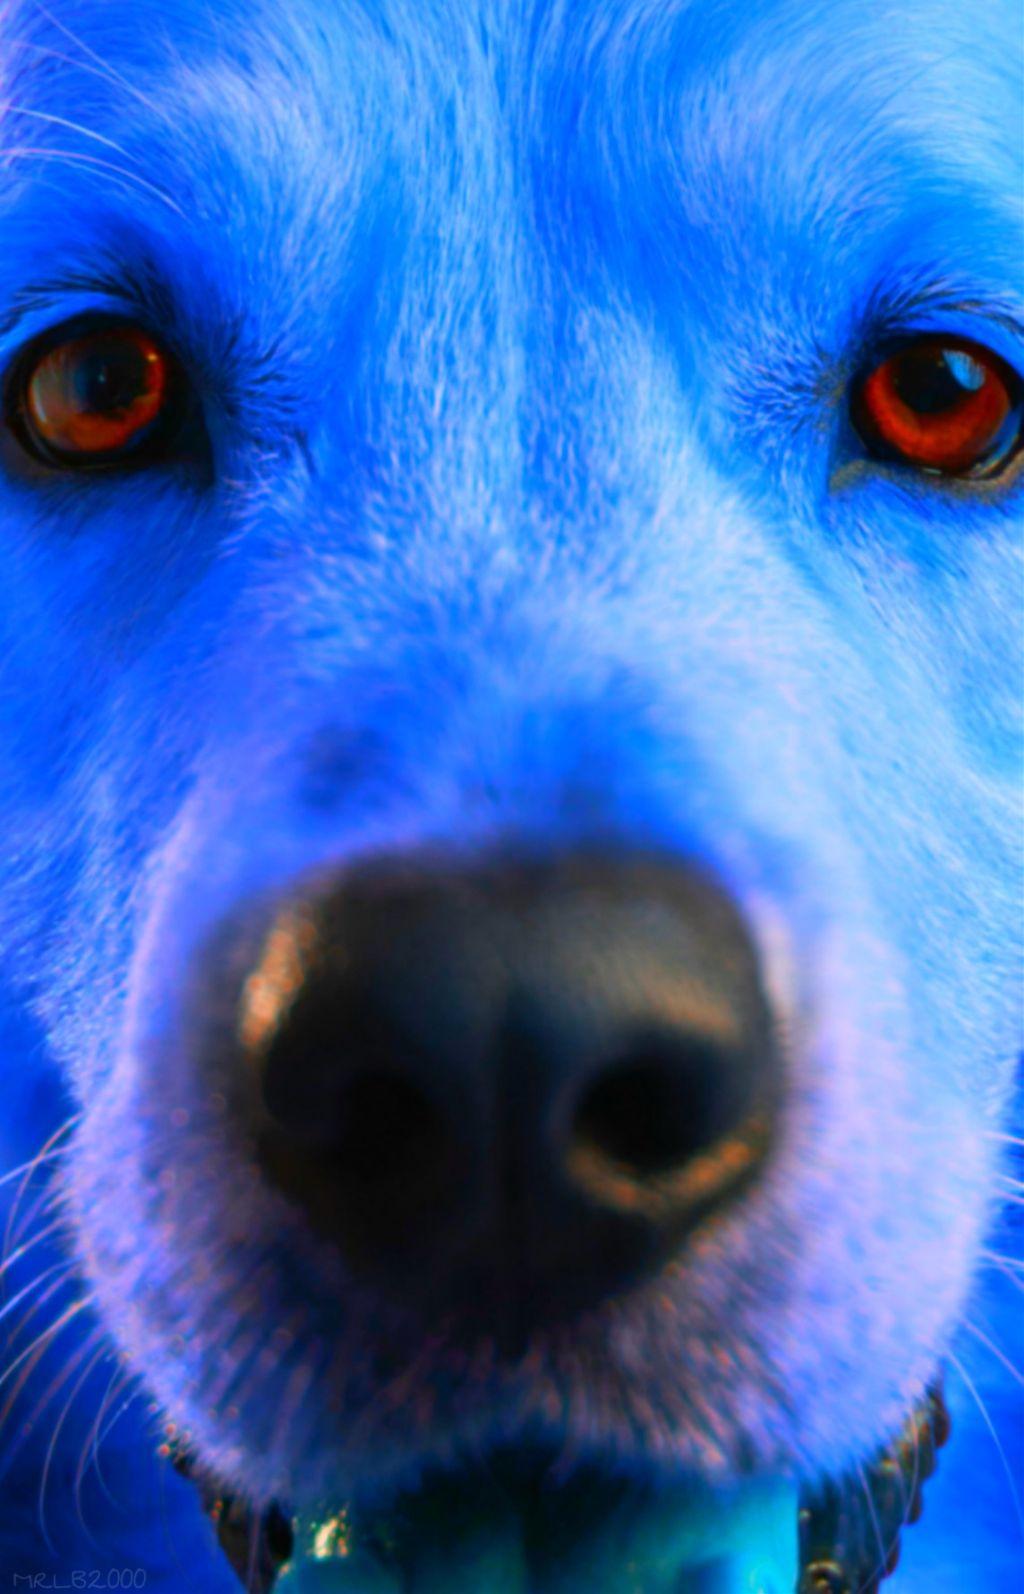 #freetoedit#myart#remix#neon#blue#dog#animal#mrlb2000#remixit#madewithpicsart#myart#photo#omg#amazing#lol#crazy#portrait#sweet# @pa @freetoedit